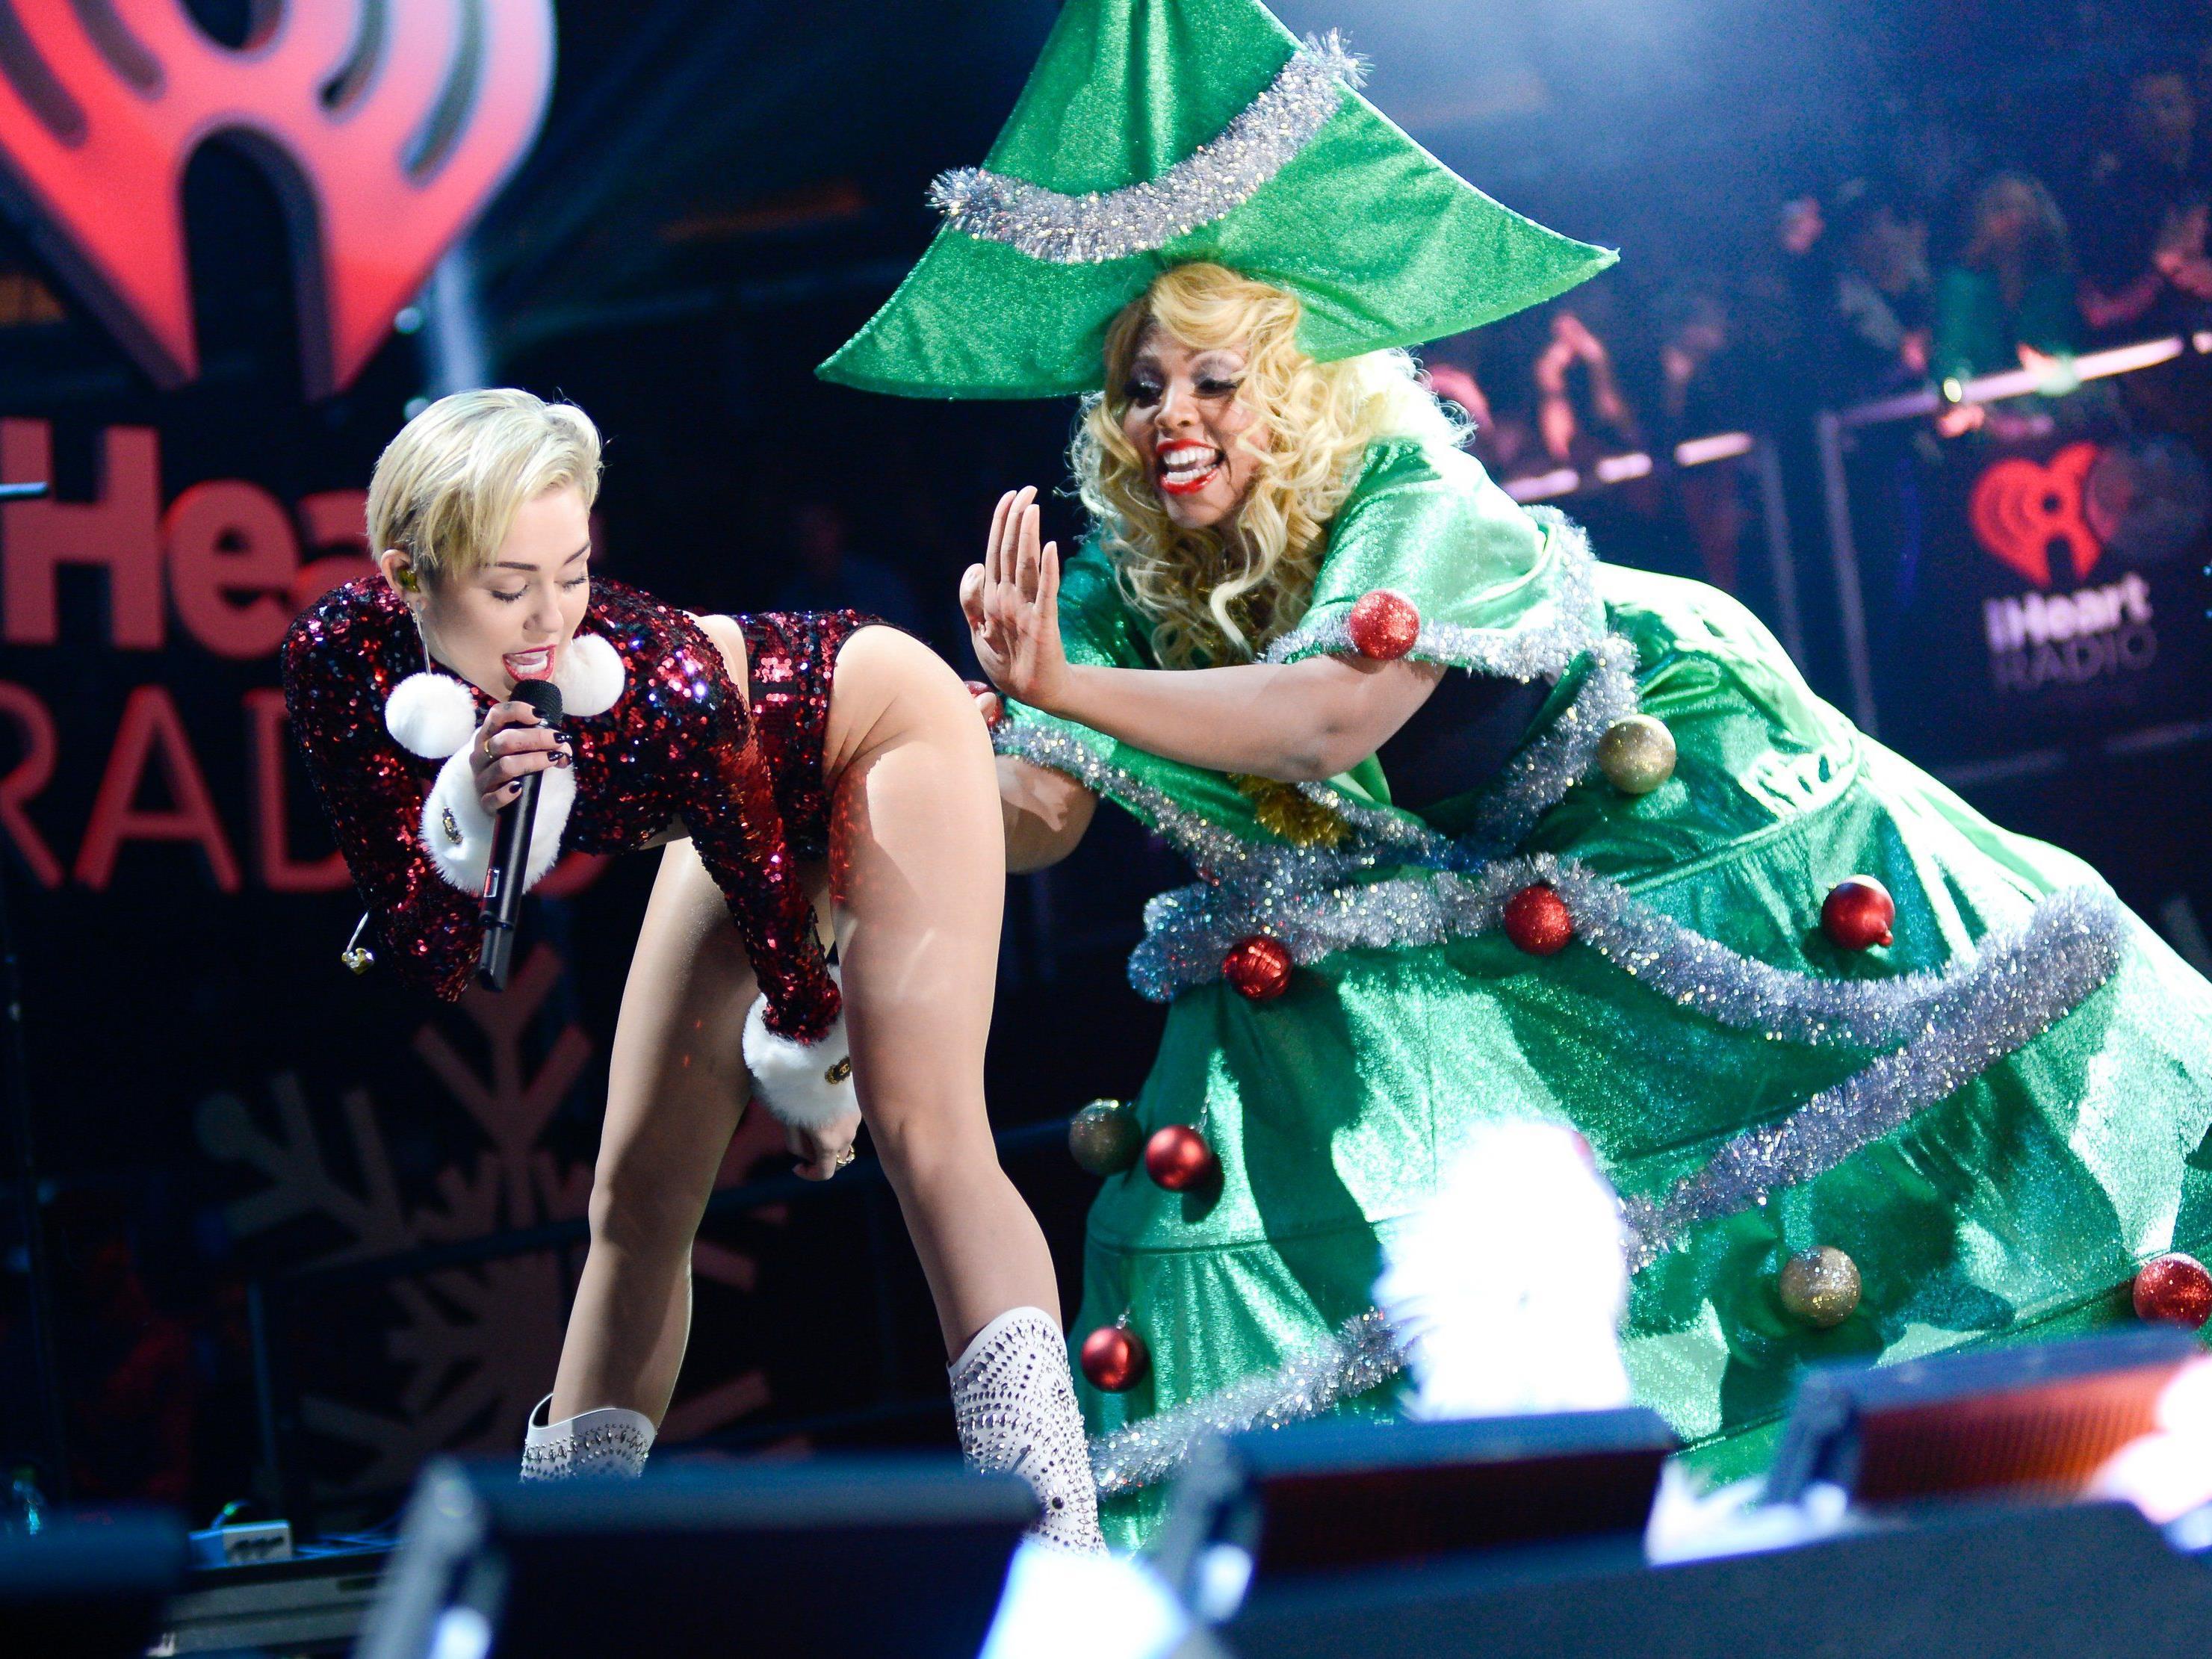 Miley Cyrus schickt via Twitter Weihnachtsgrüße oben ohne.